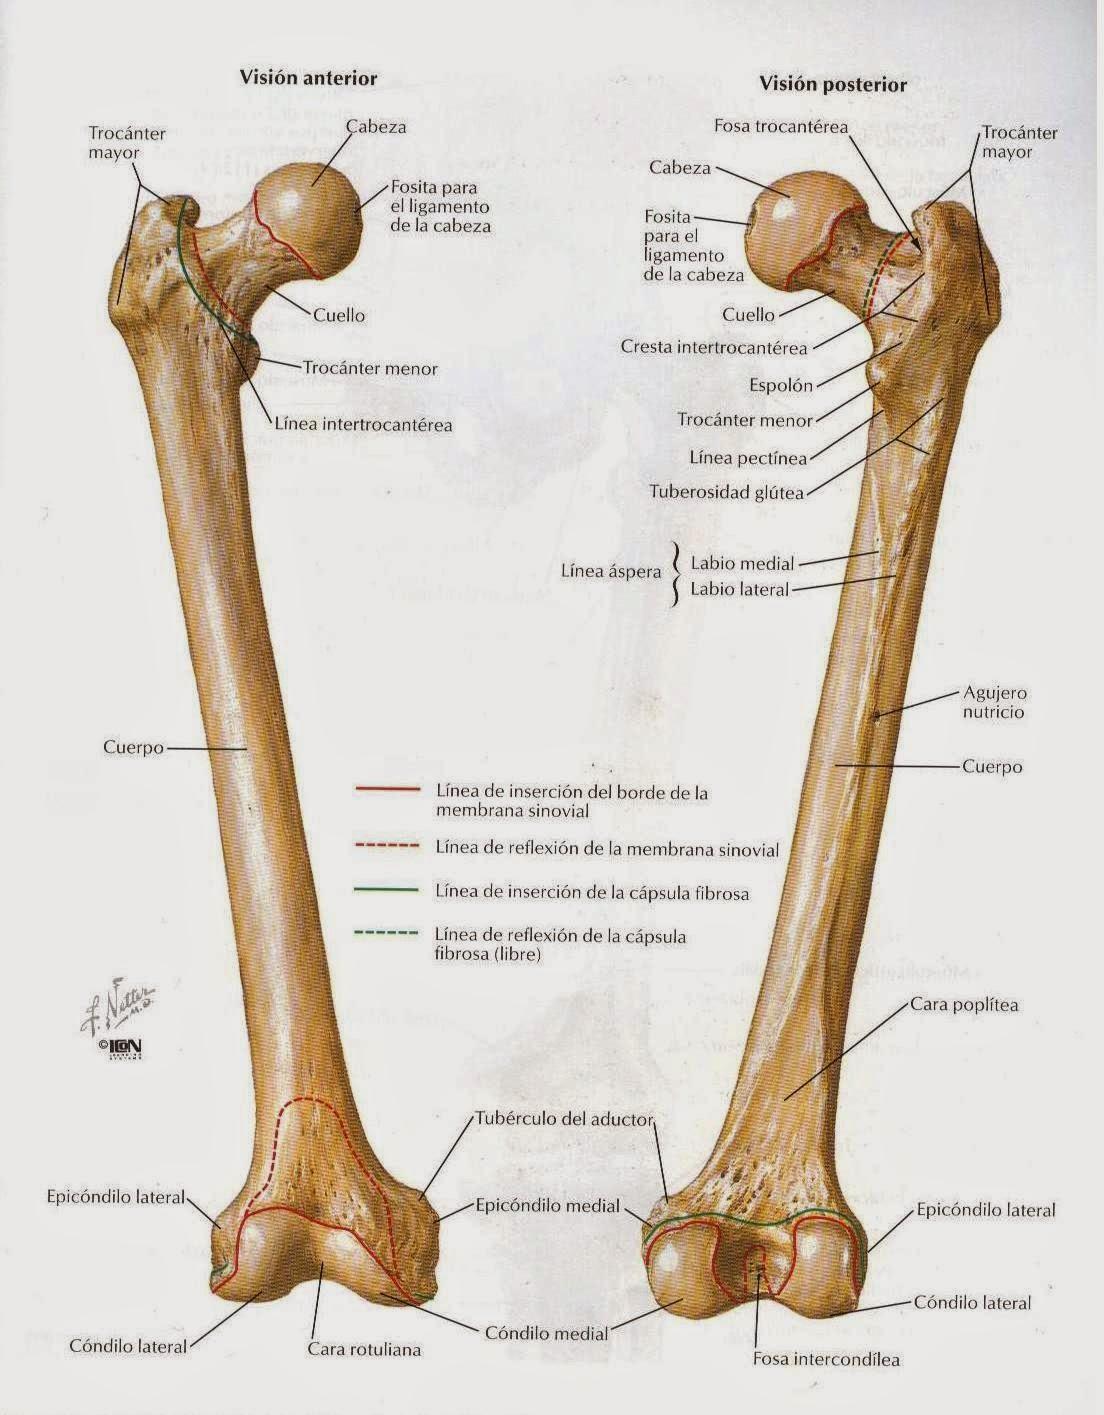 anatomíacaderayrodilla